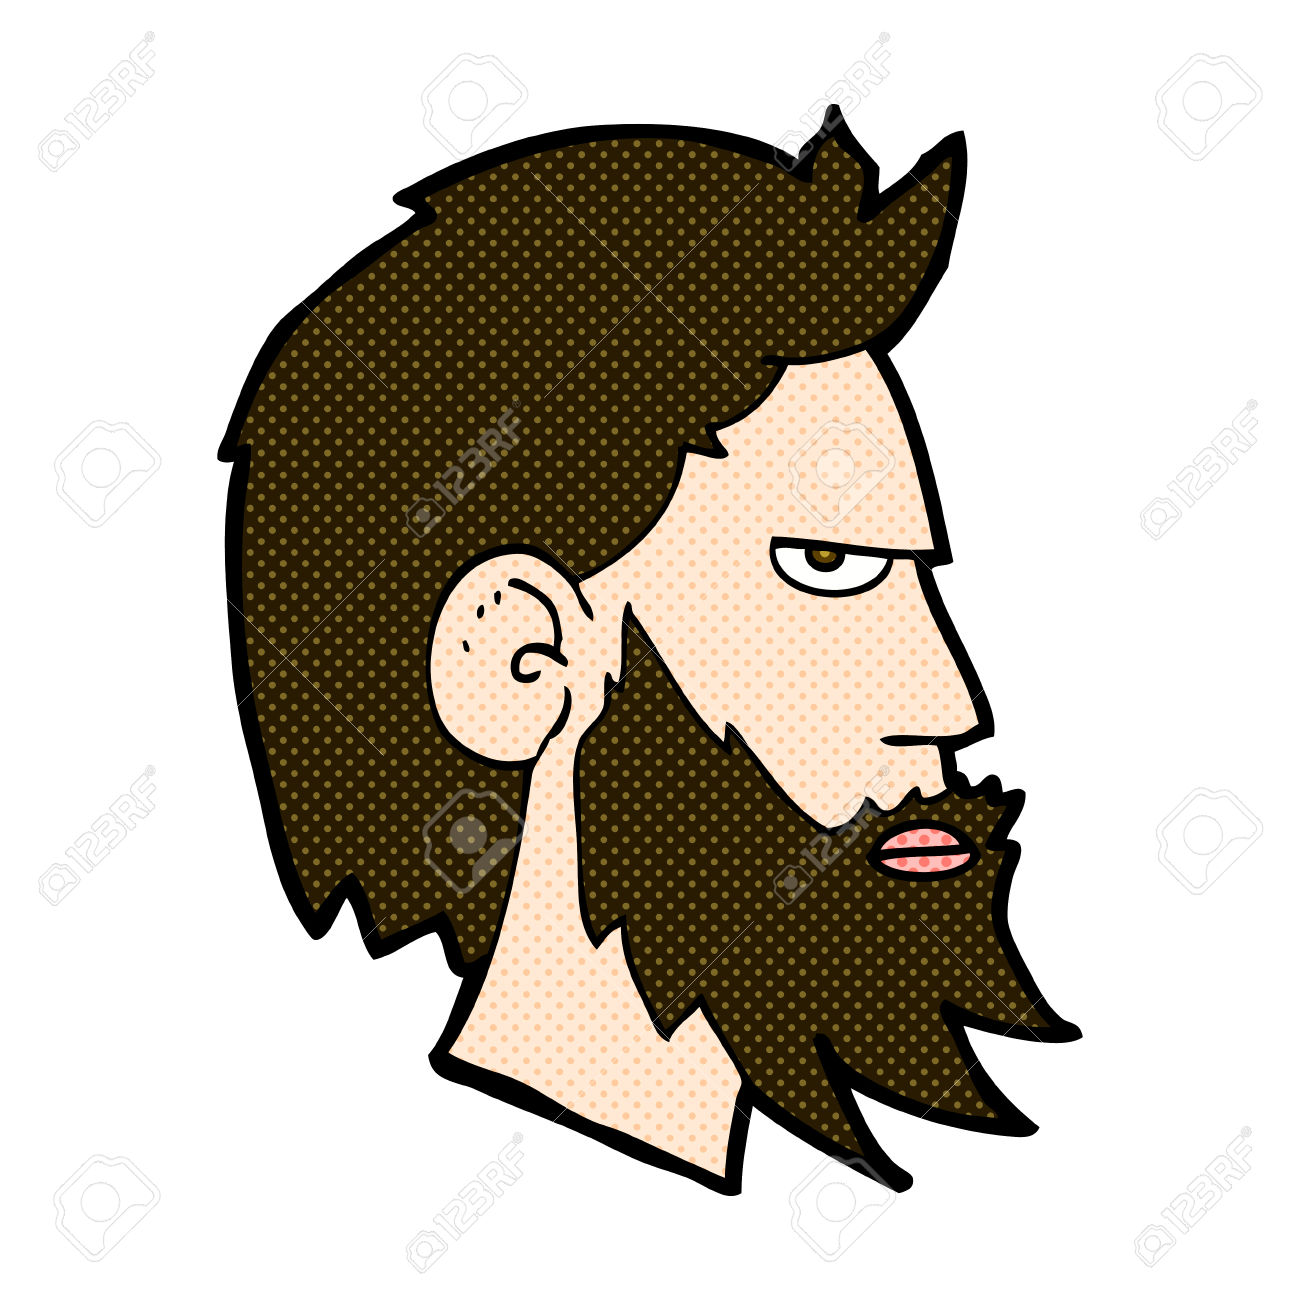 Mann mit bart clipart jpg free library Retro-Comic-Stil Cartoon Mann Mit Bart Lizenzfrei Nutzbare ... jpg free library